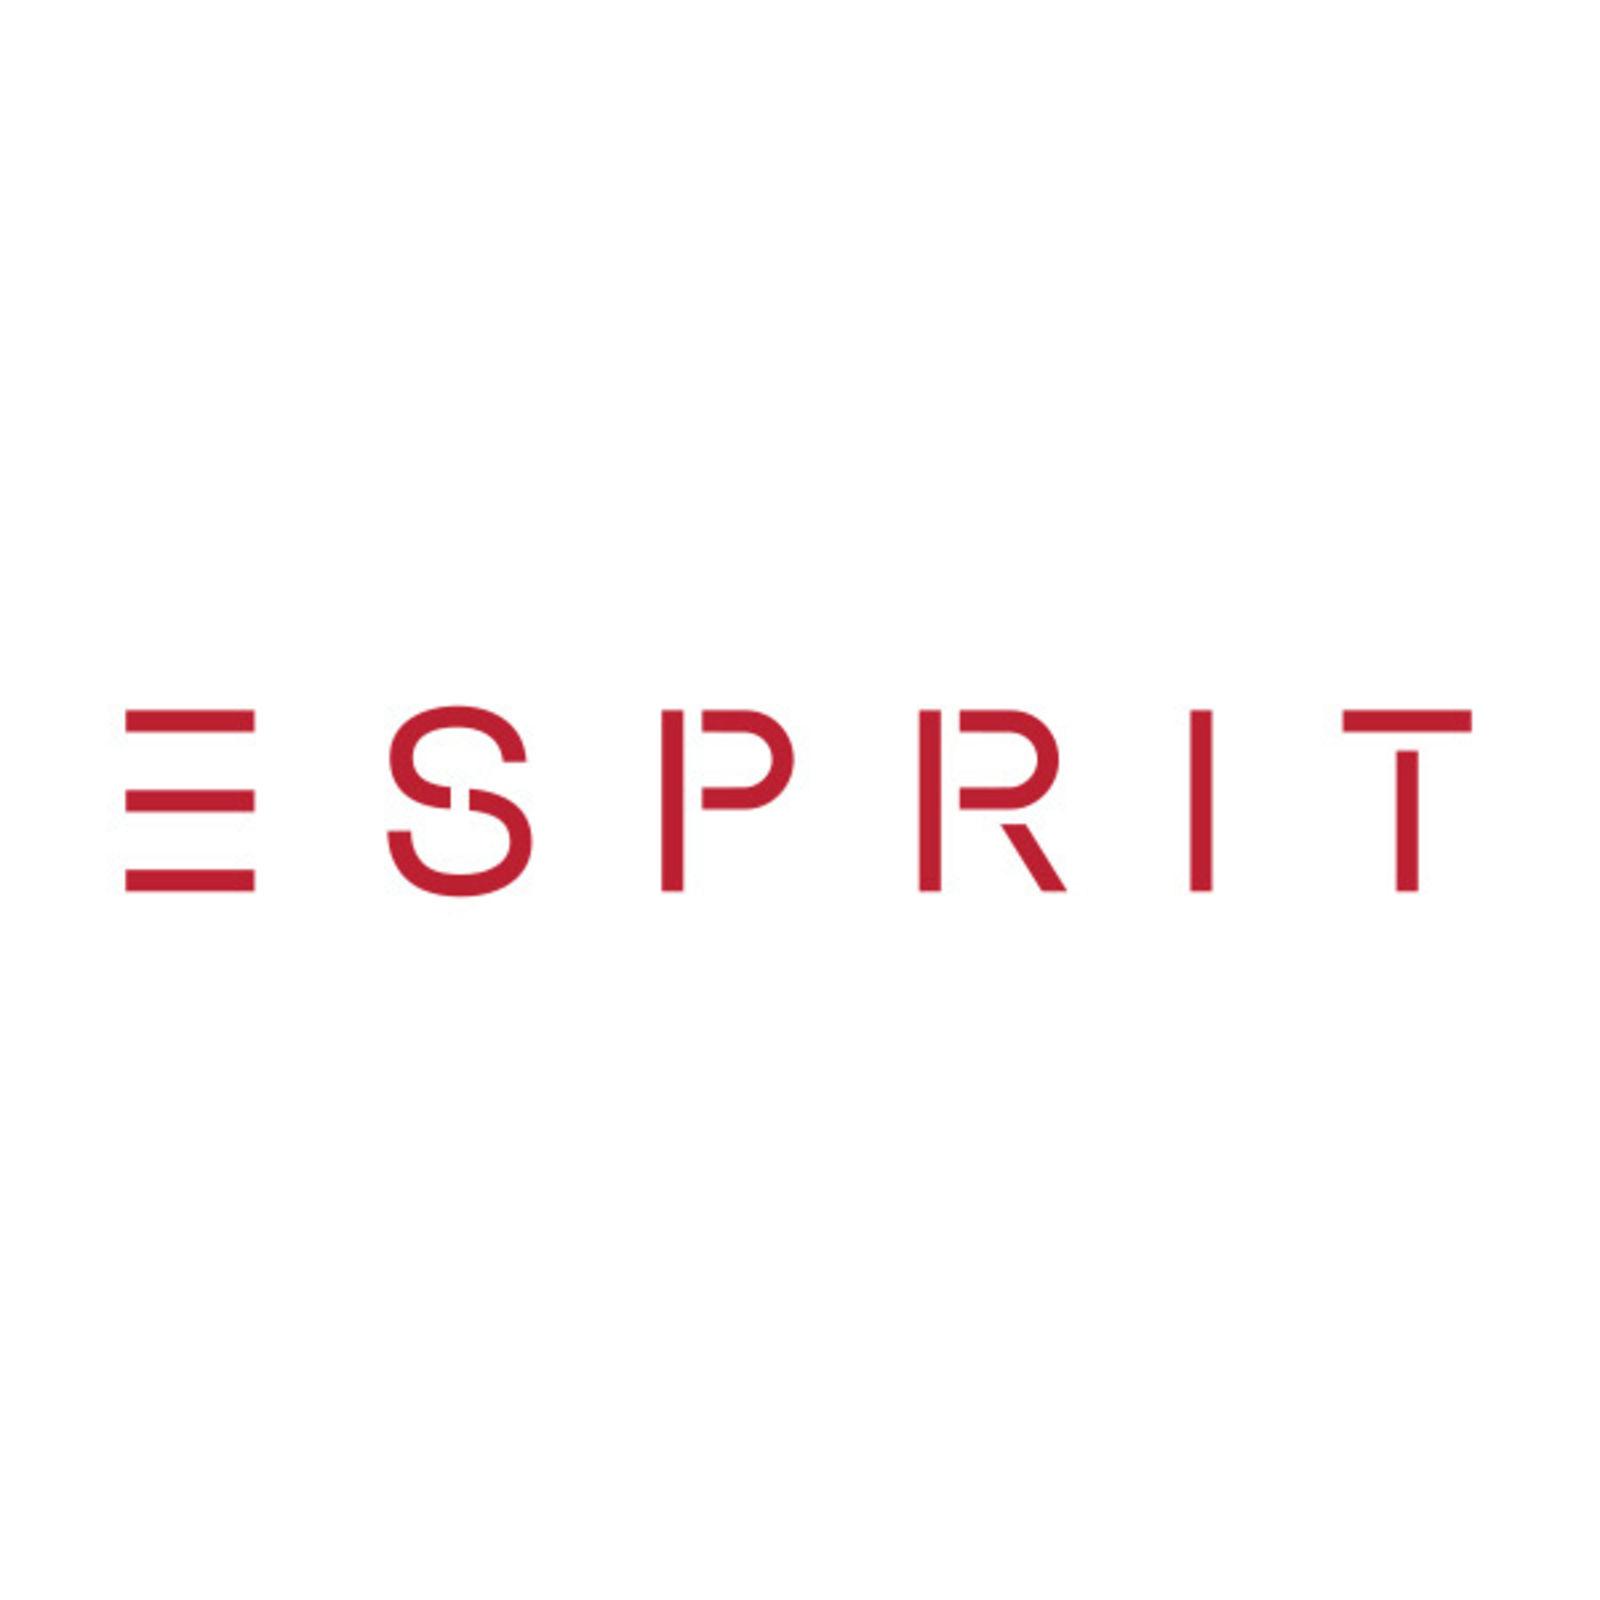 ESPRIT Eyewear (Image 1)